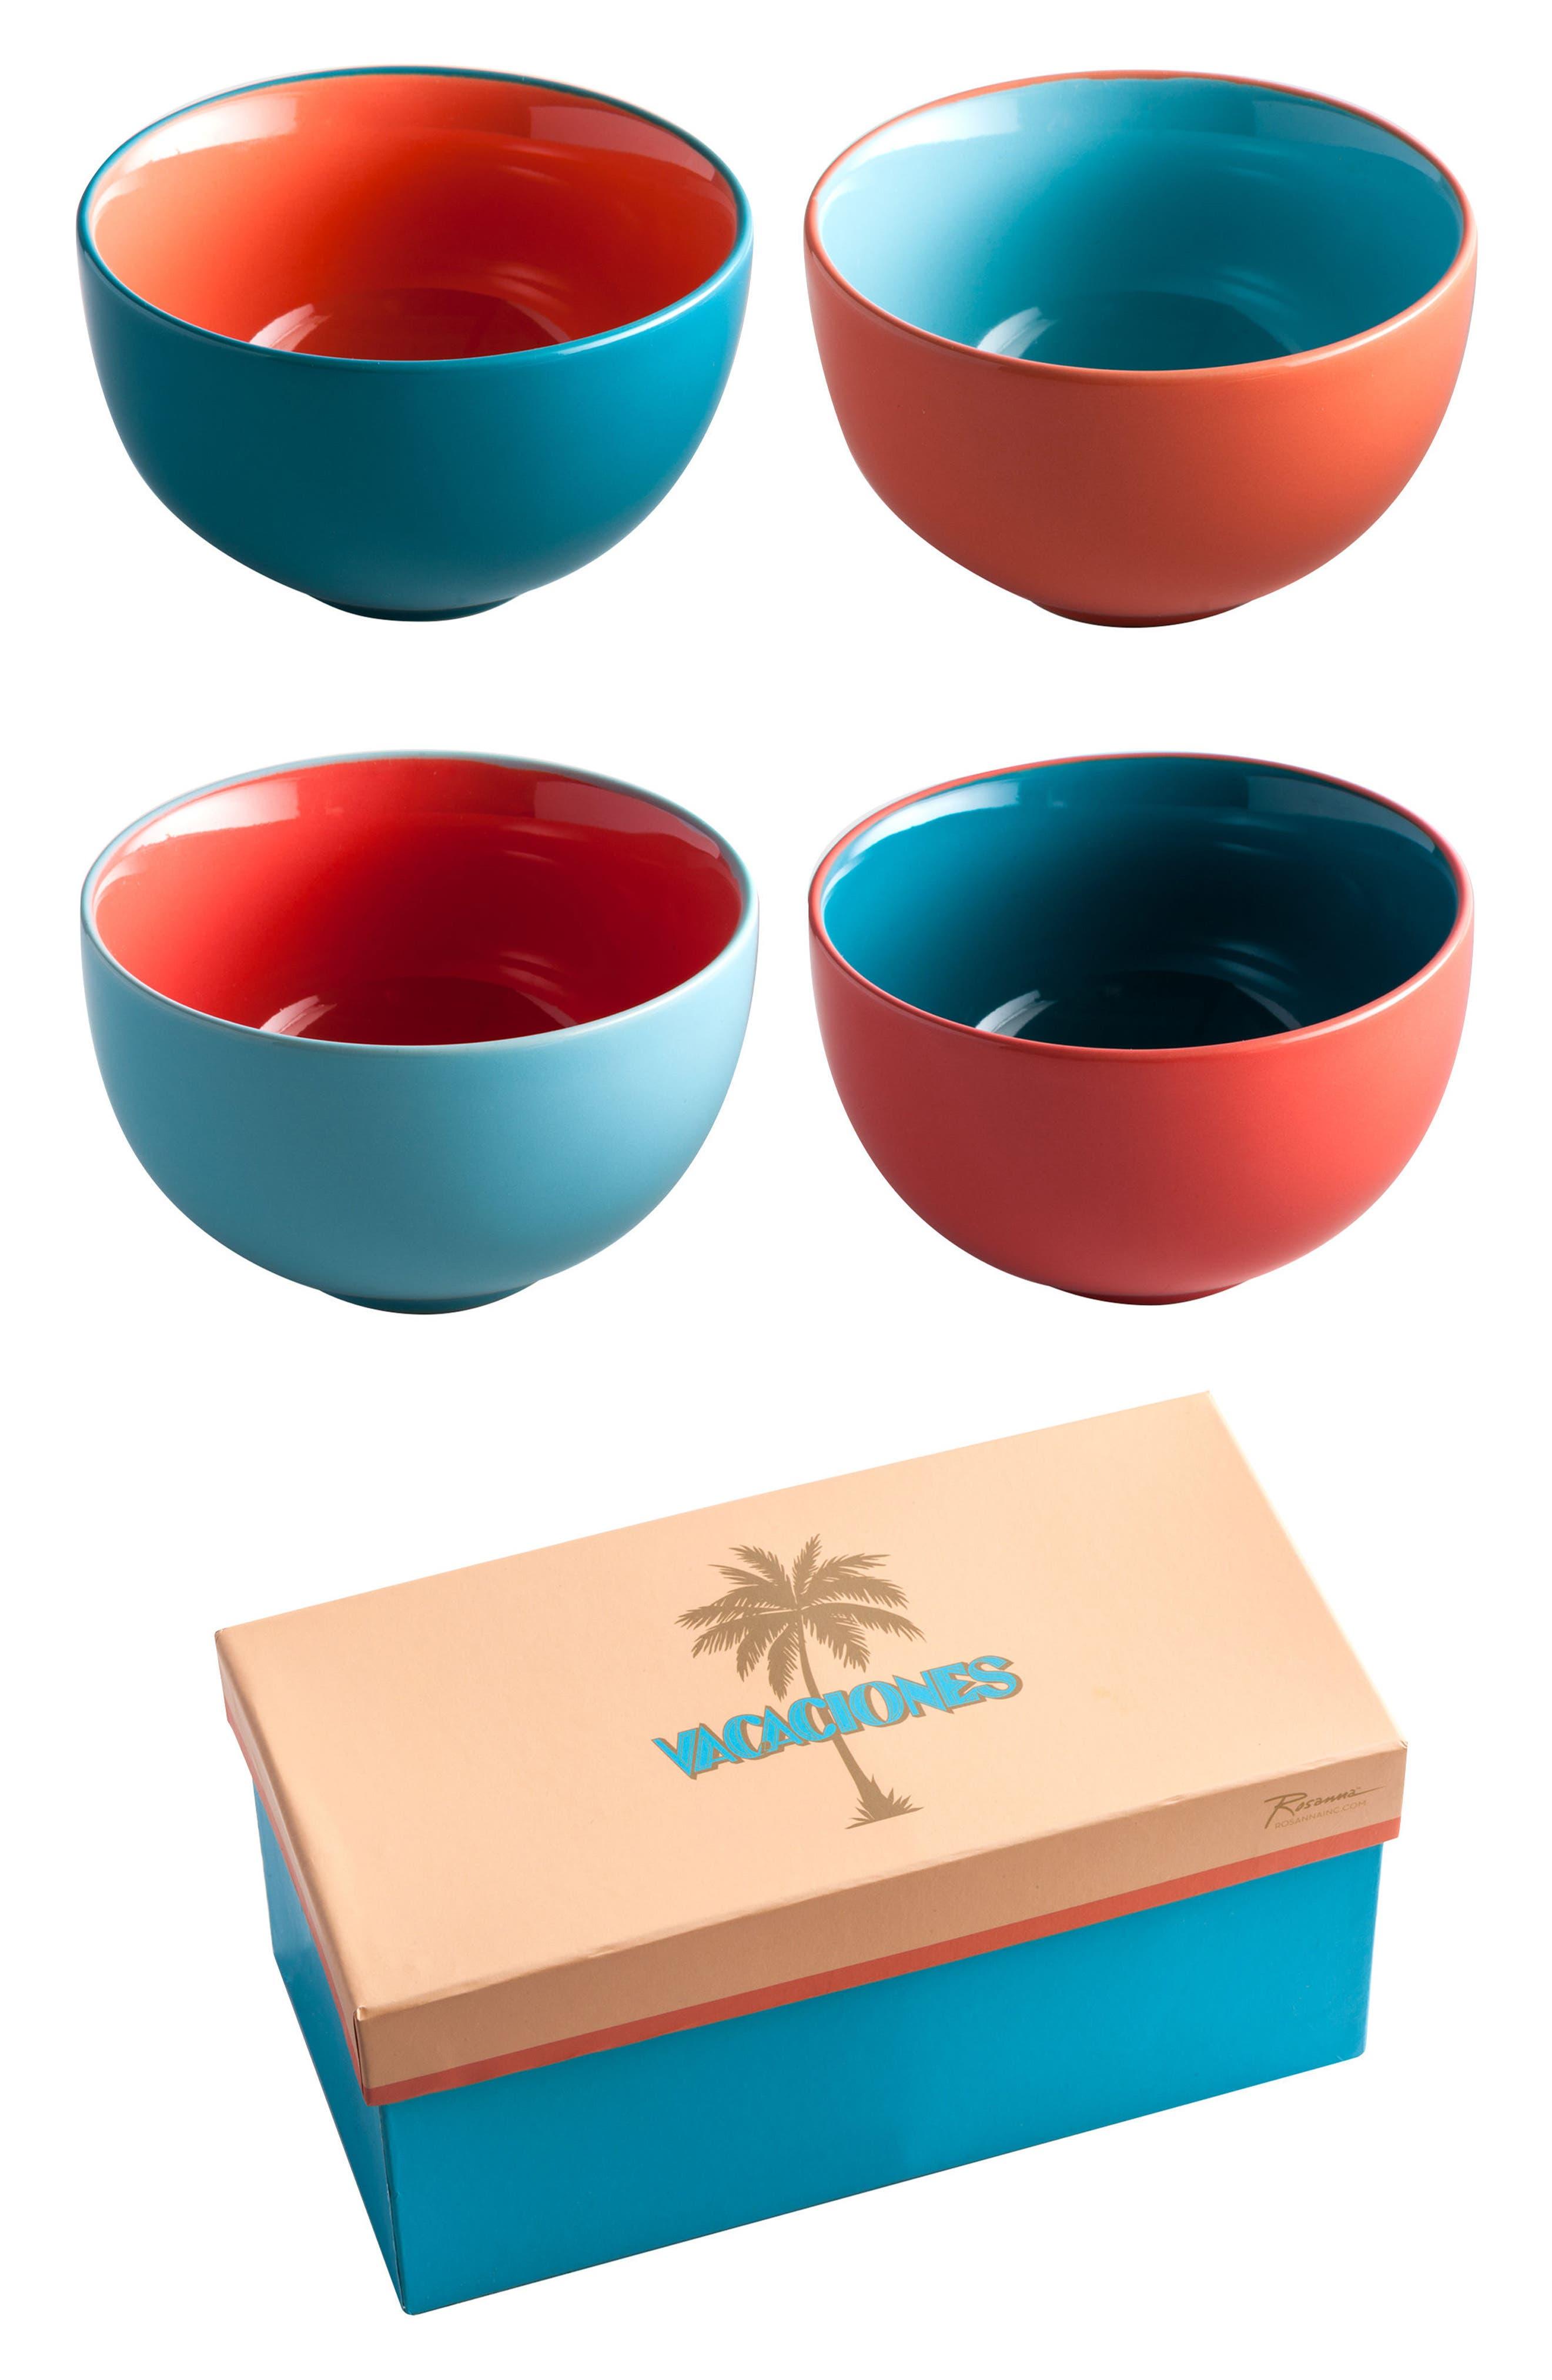 Main Image - Rosanna Vacaciones Set of 4 Bowls